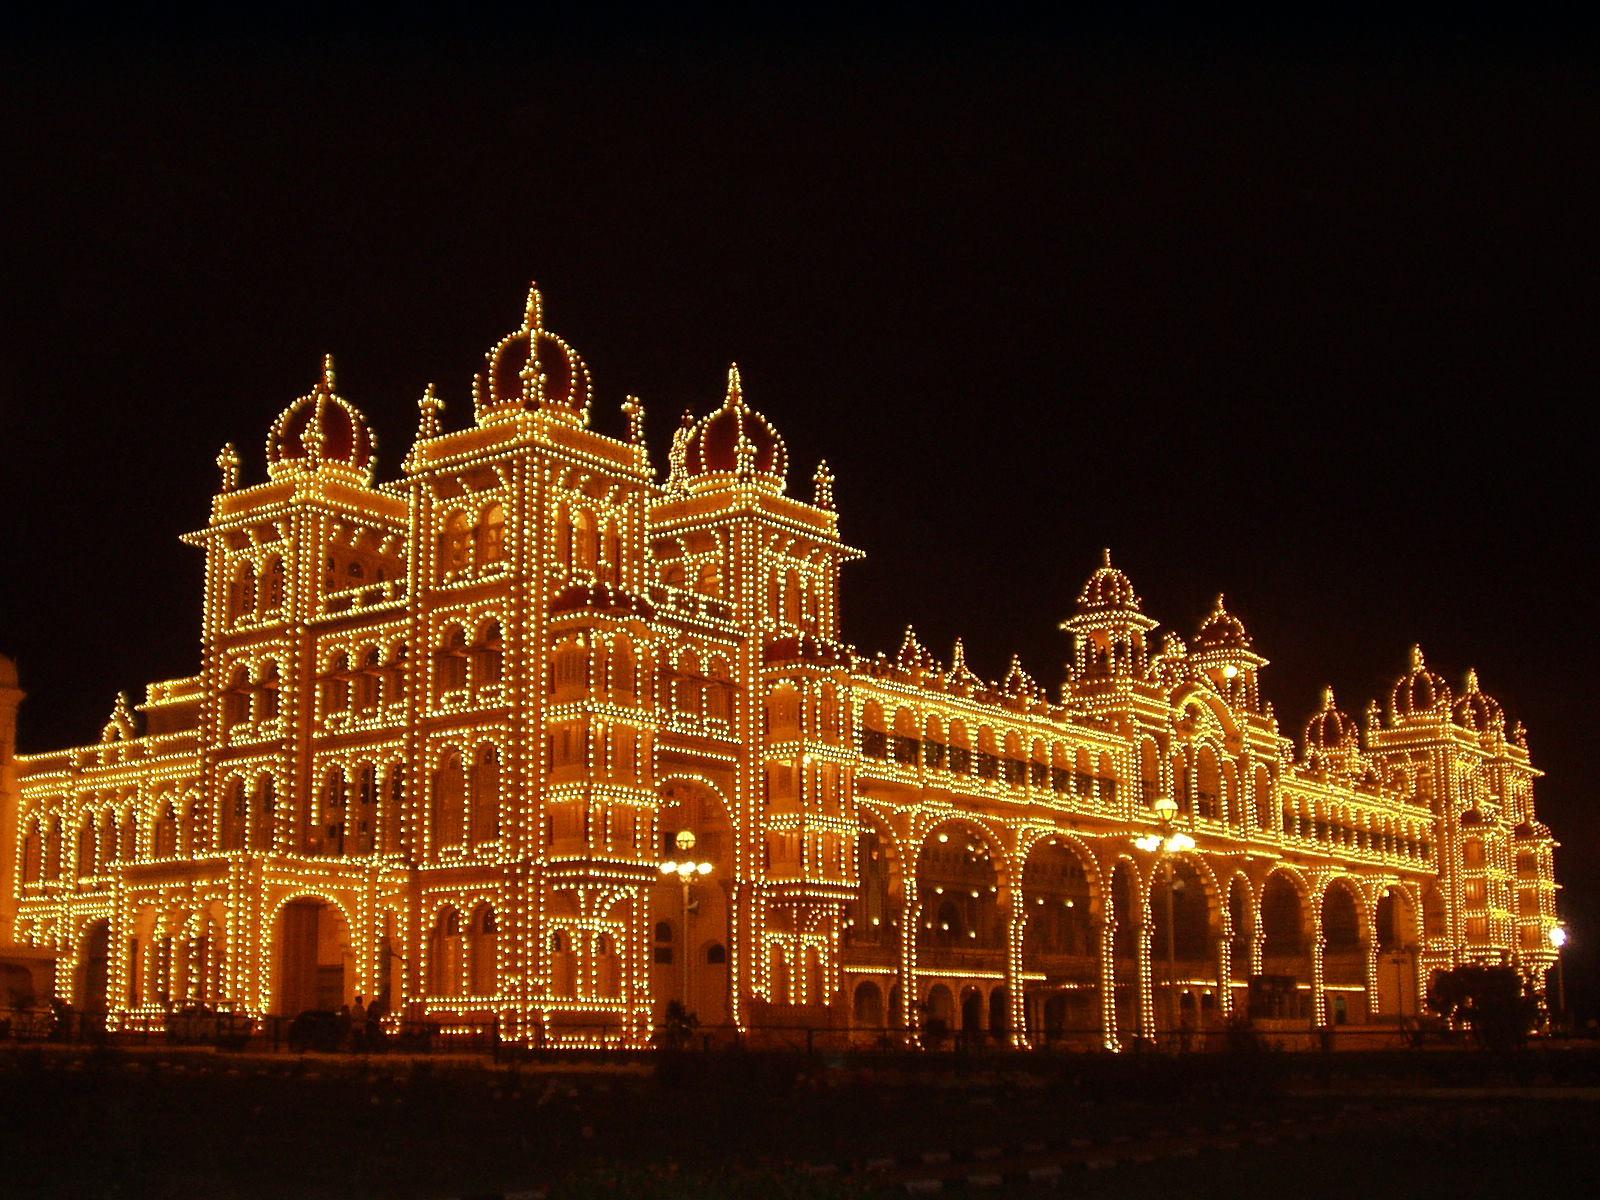 Wodeyar Palace